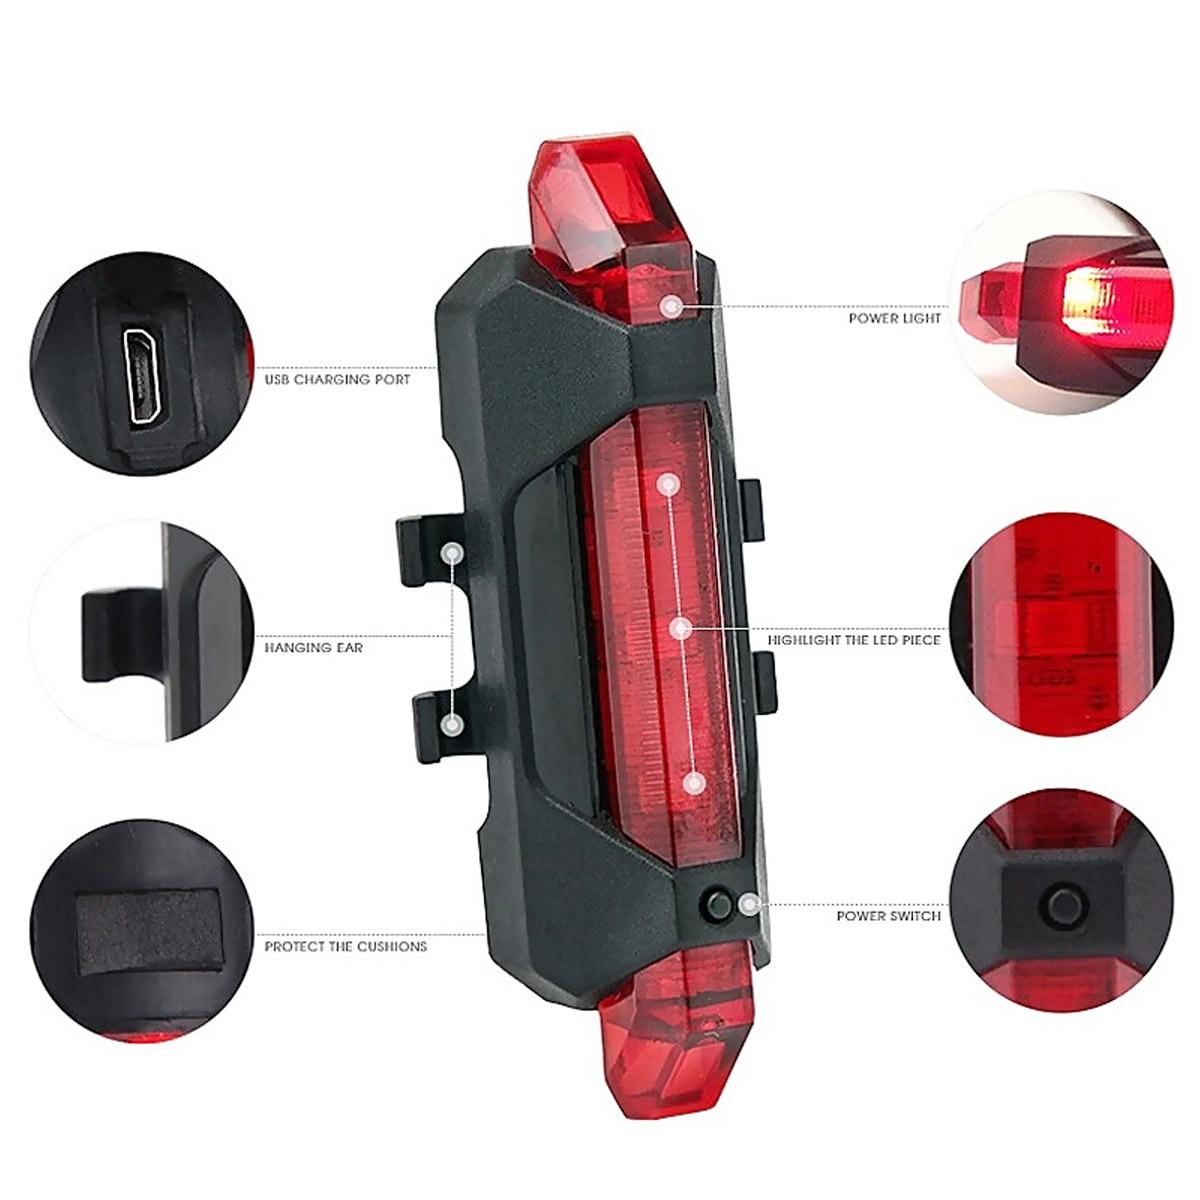 Lumière d'avertissement de sécurité arrière de queue de vélo Rechargeable USB Portable lampe de feu arrière Super lumineux ASD88